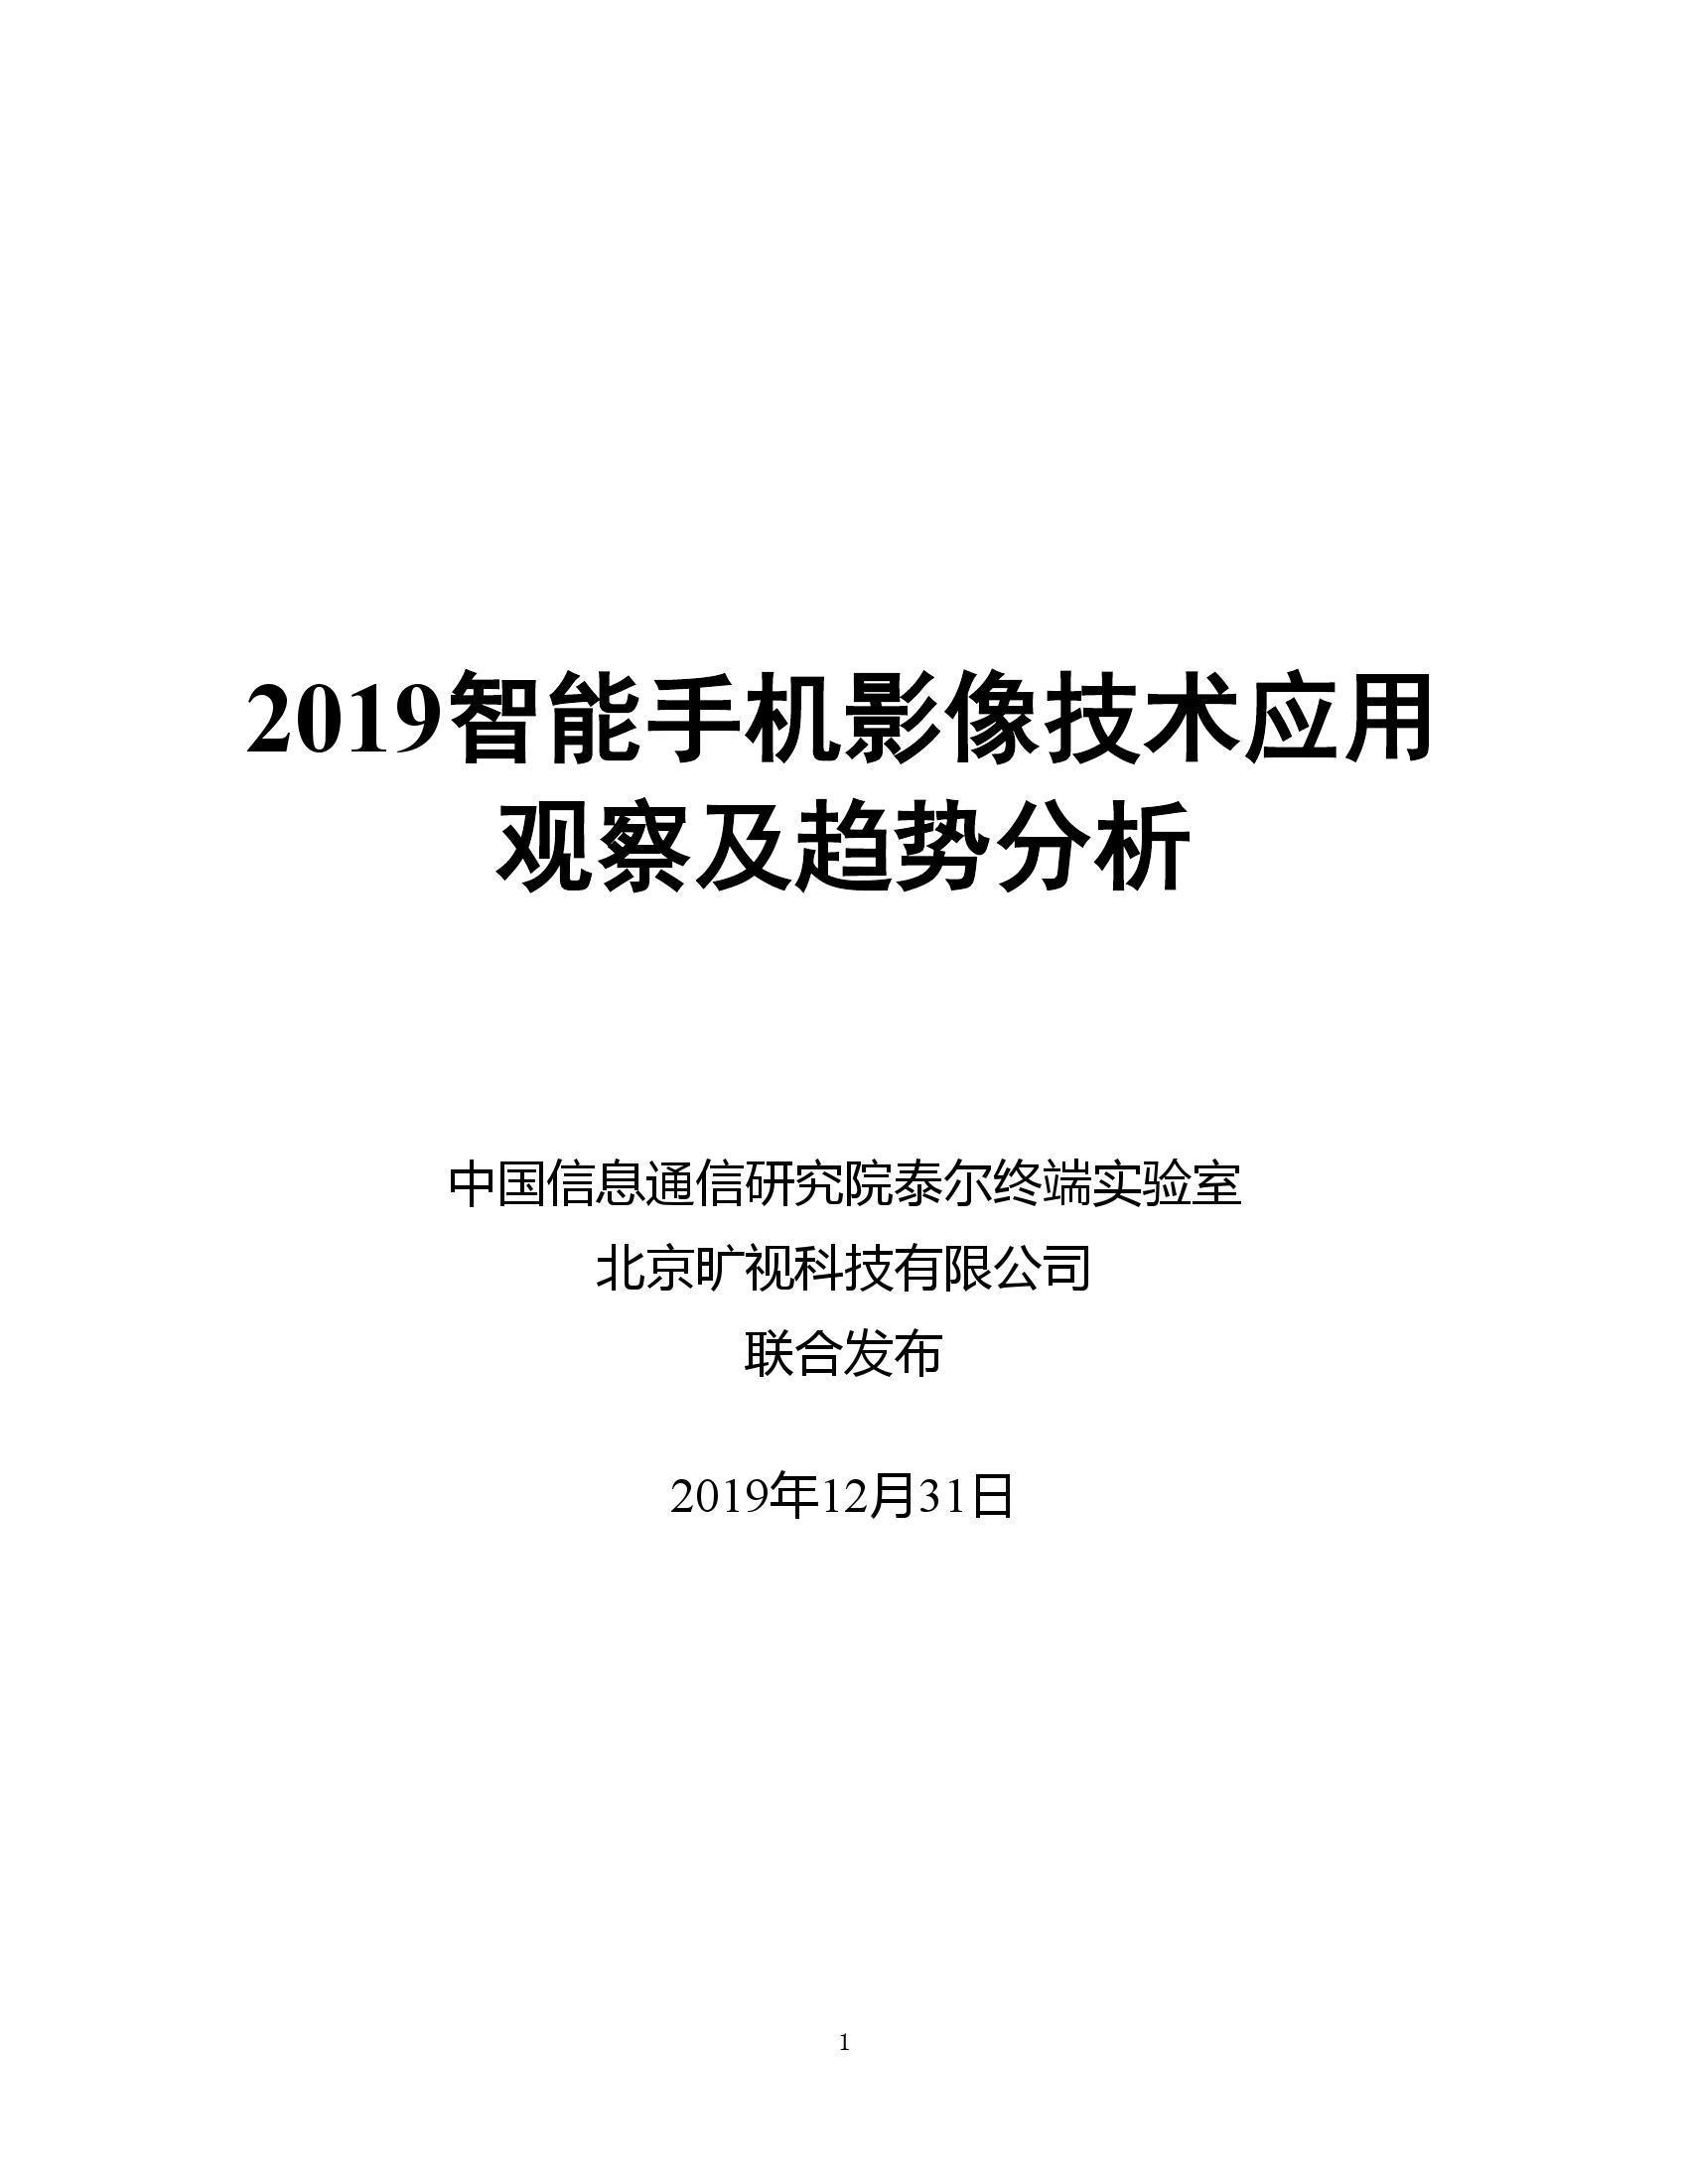 中国信通院:2019智能手机影像技术应用观察及趋势分析(附下载)